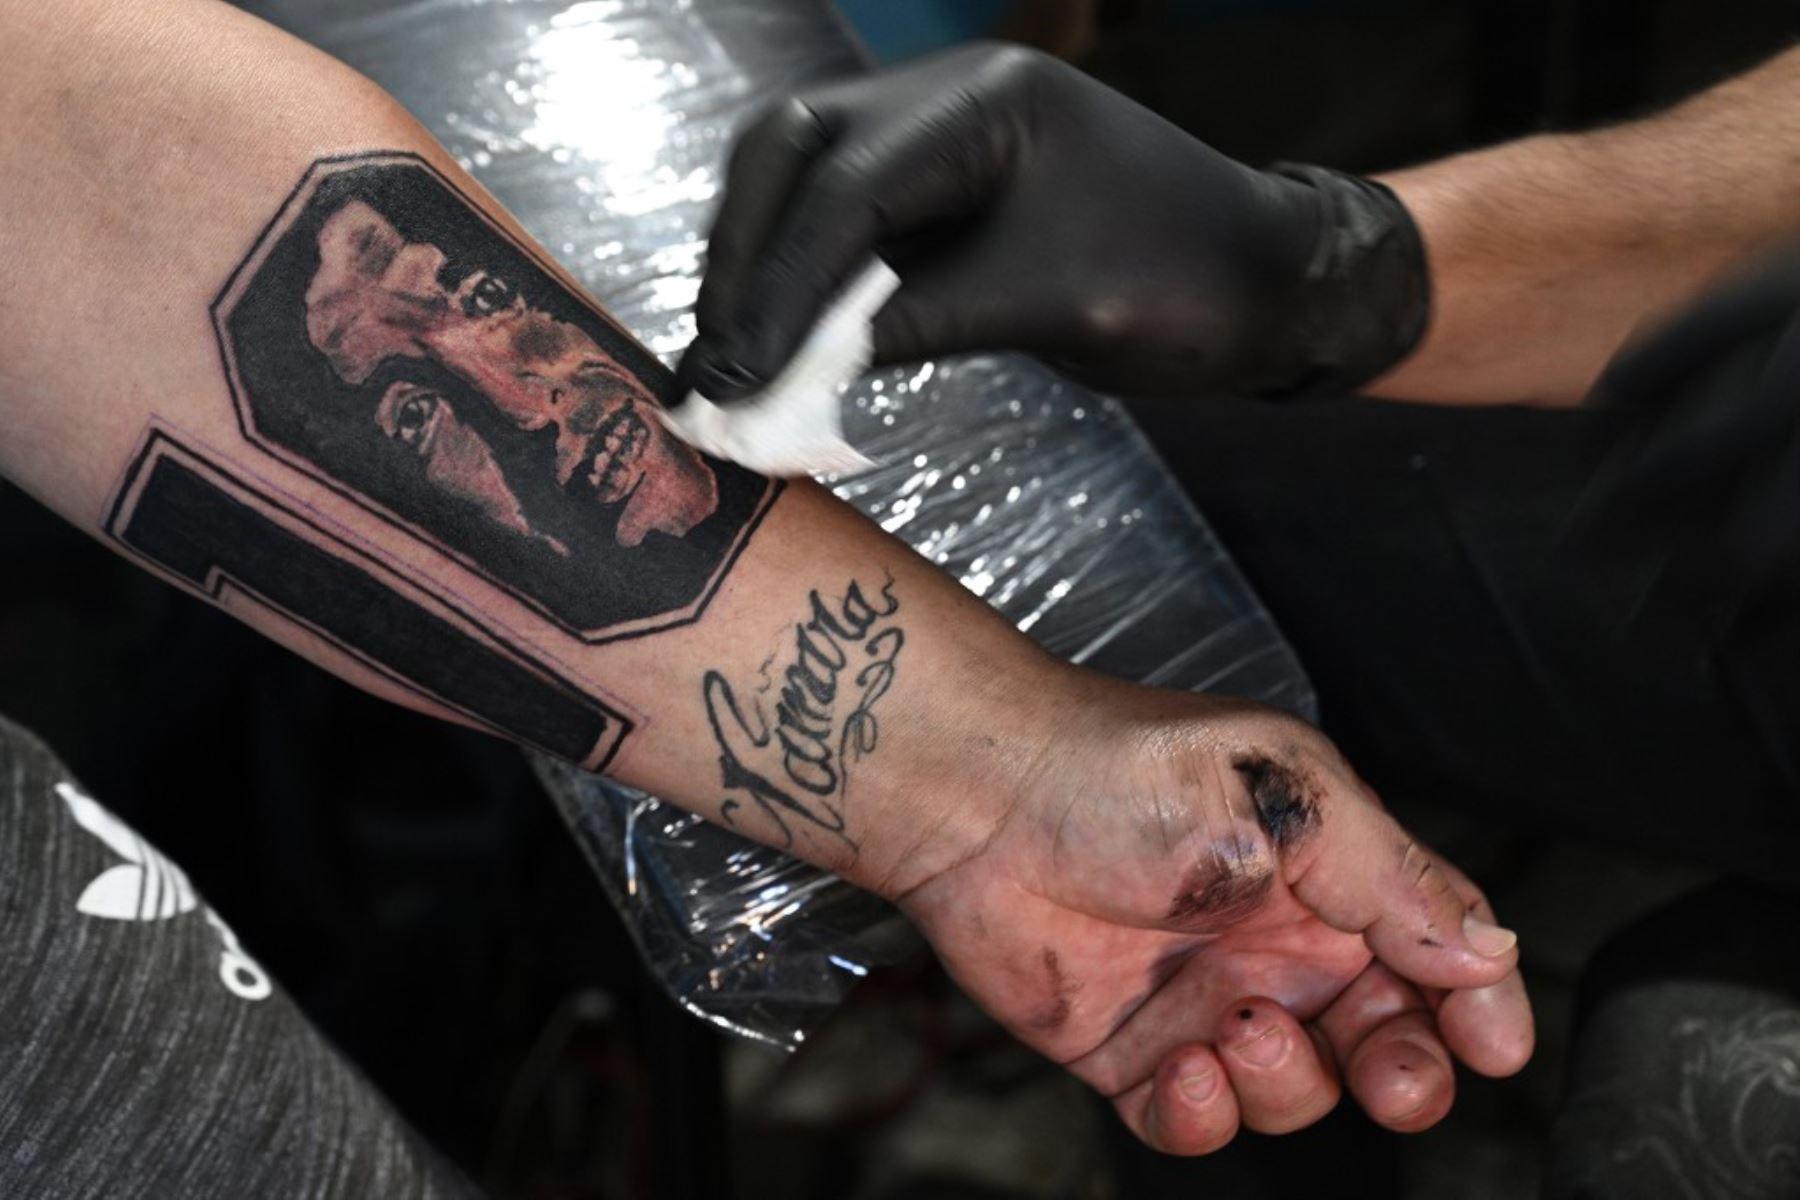 """El pizzero Guillermo Rodríguez, bautizado en la iglesia maradoniana, tiene un nuevo tatuaje con una imagen de la leyenda del fútbol argentino Diego Maradona realizado por el tatuador Juan Rojas, en su pizzería llamada """"Siempre al 10"""". Rodríguez se hizo este tatuaje para conmemorar al actual entrenador del 60 cumpleaños de Gimnasia y Esgrima, que será el próximo 30 de octubre.   Foto: AFP"""